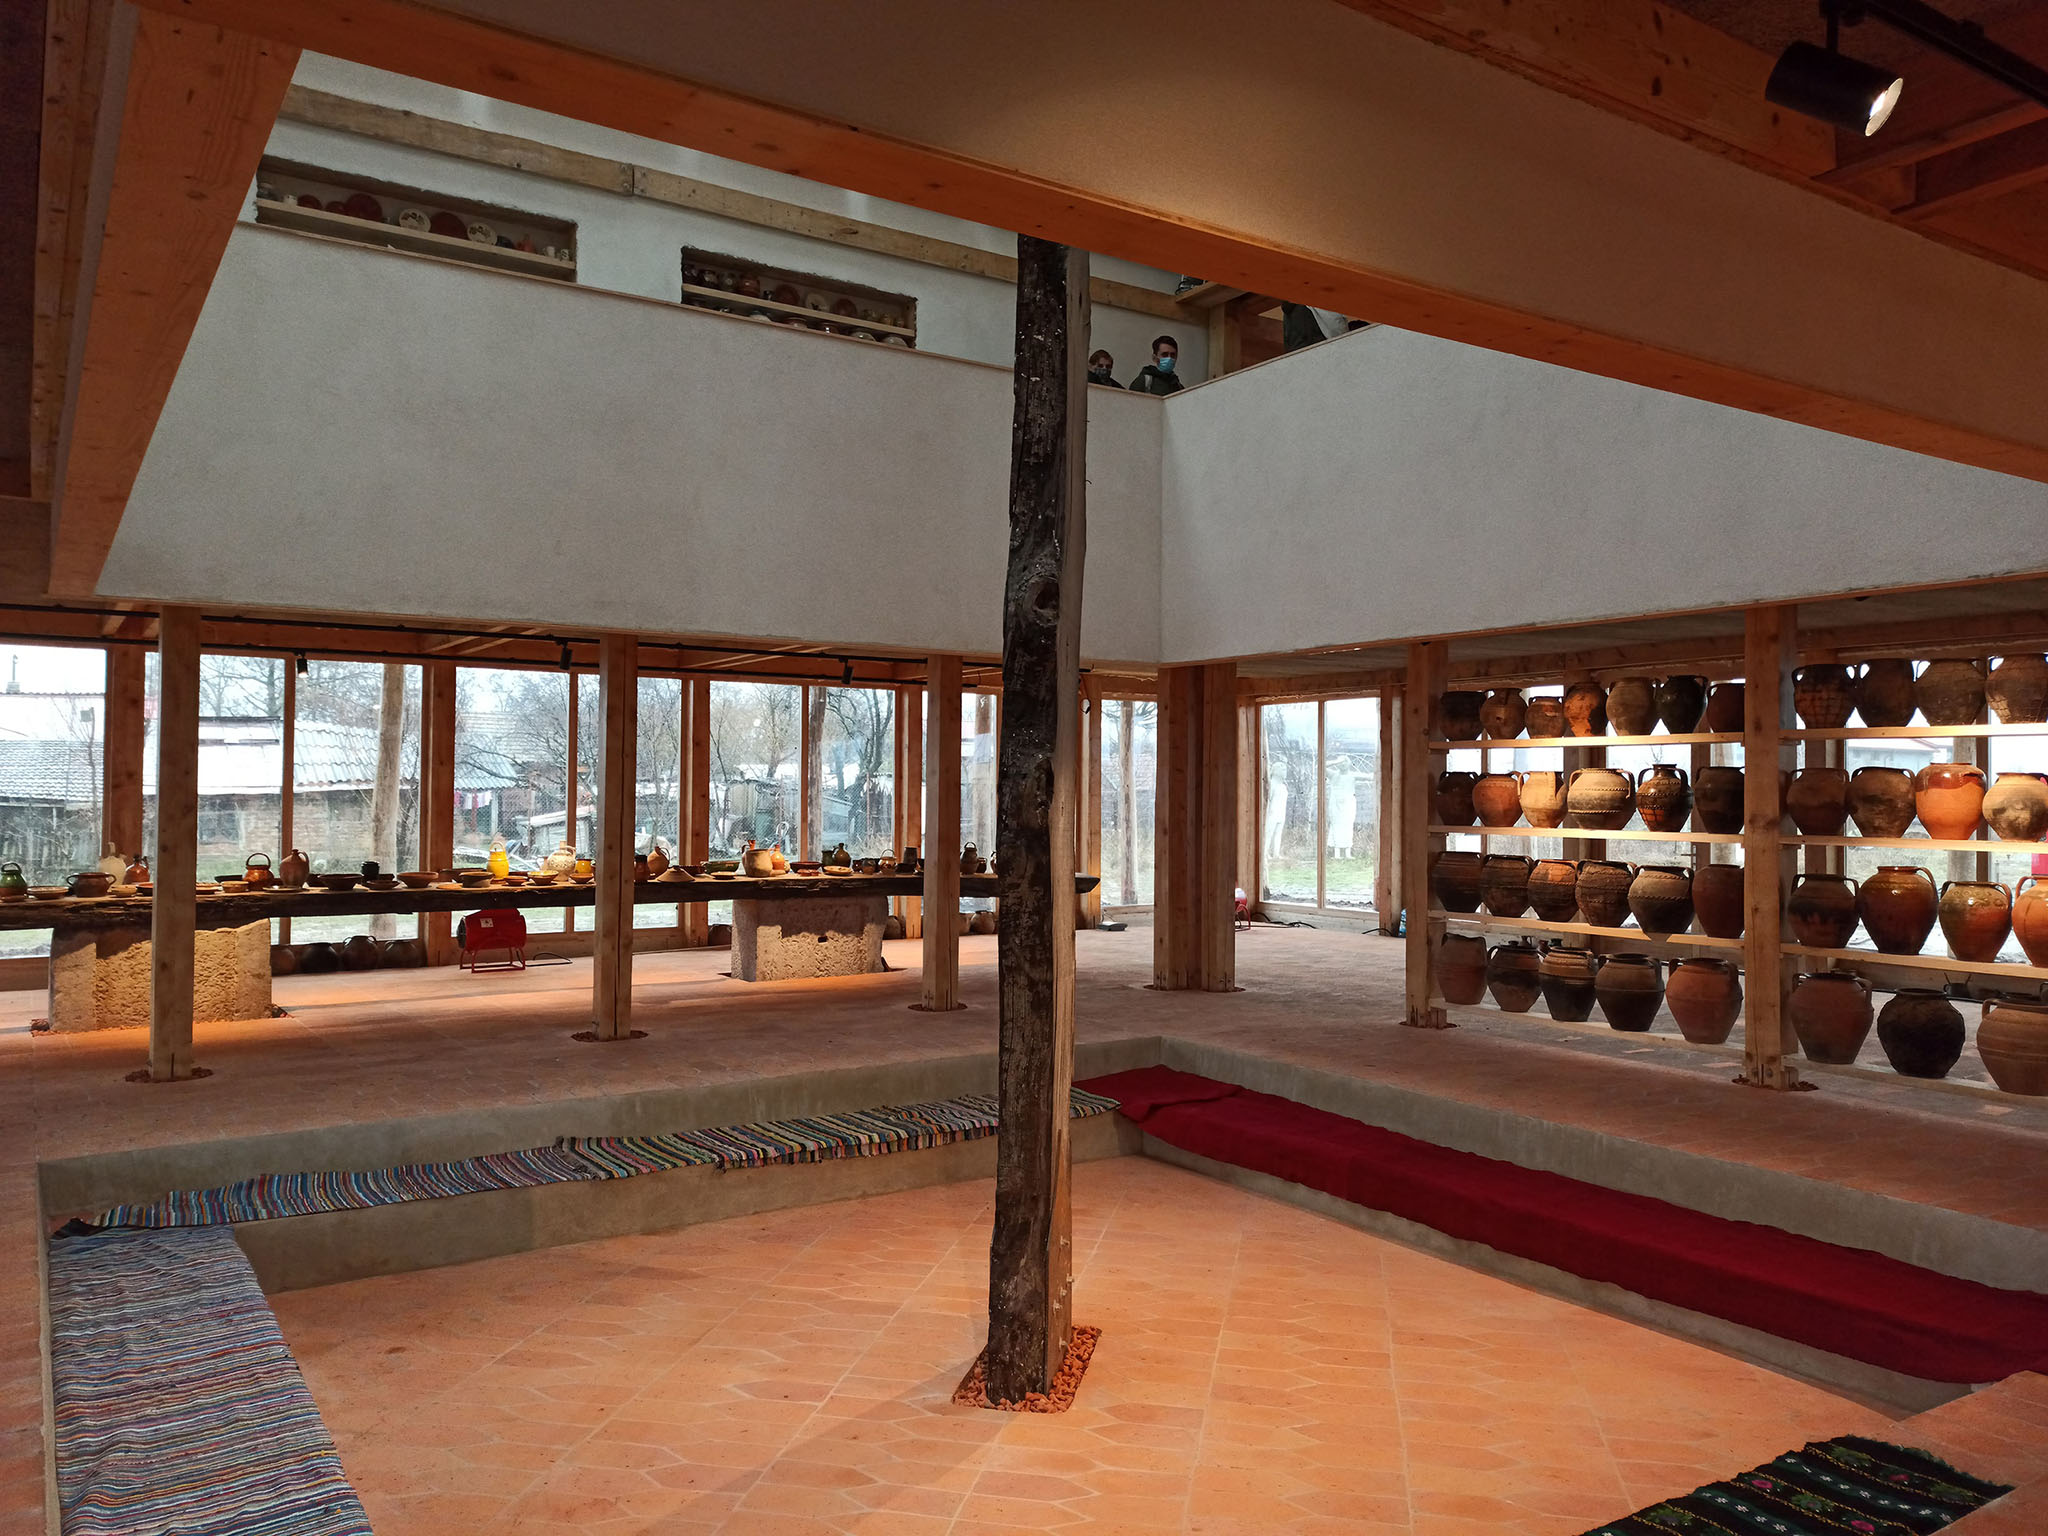 Muzeul Oalelor De Pisc de ABRUPTARHITECTURA